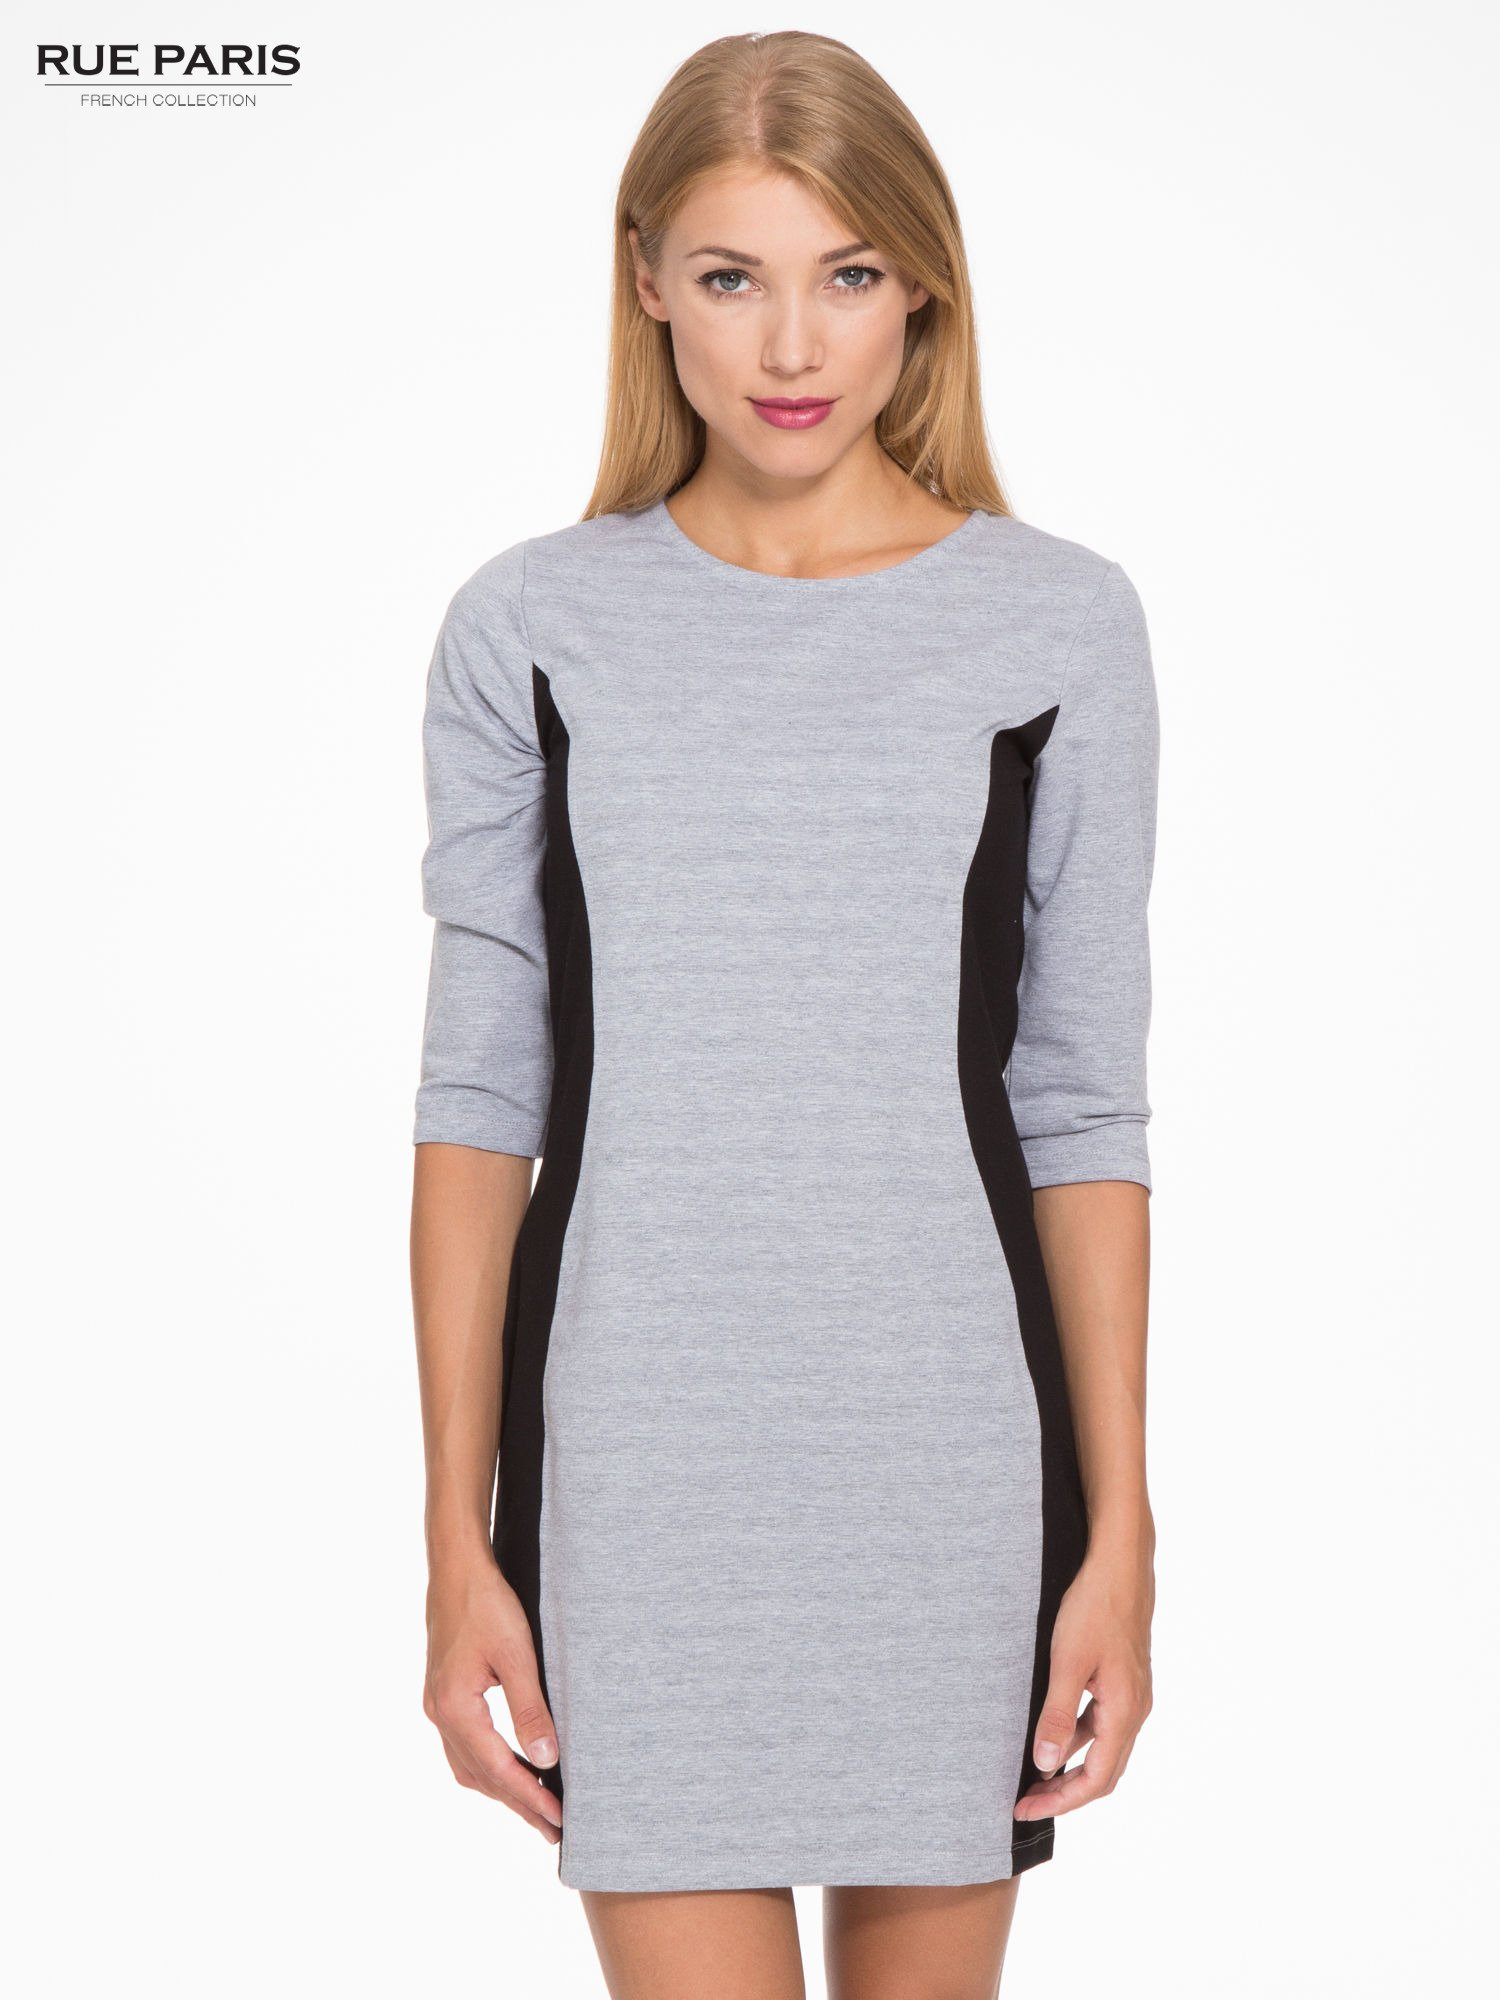 Szara sukienka z czarnymi modułami po bokach                                  zdj.                                  1